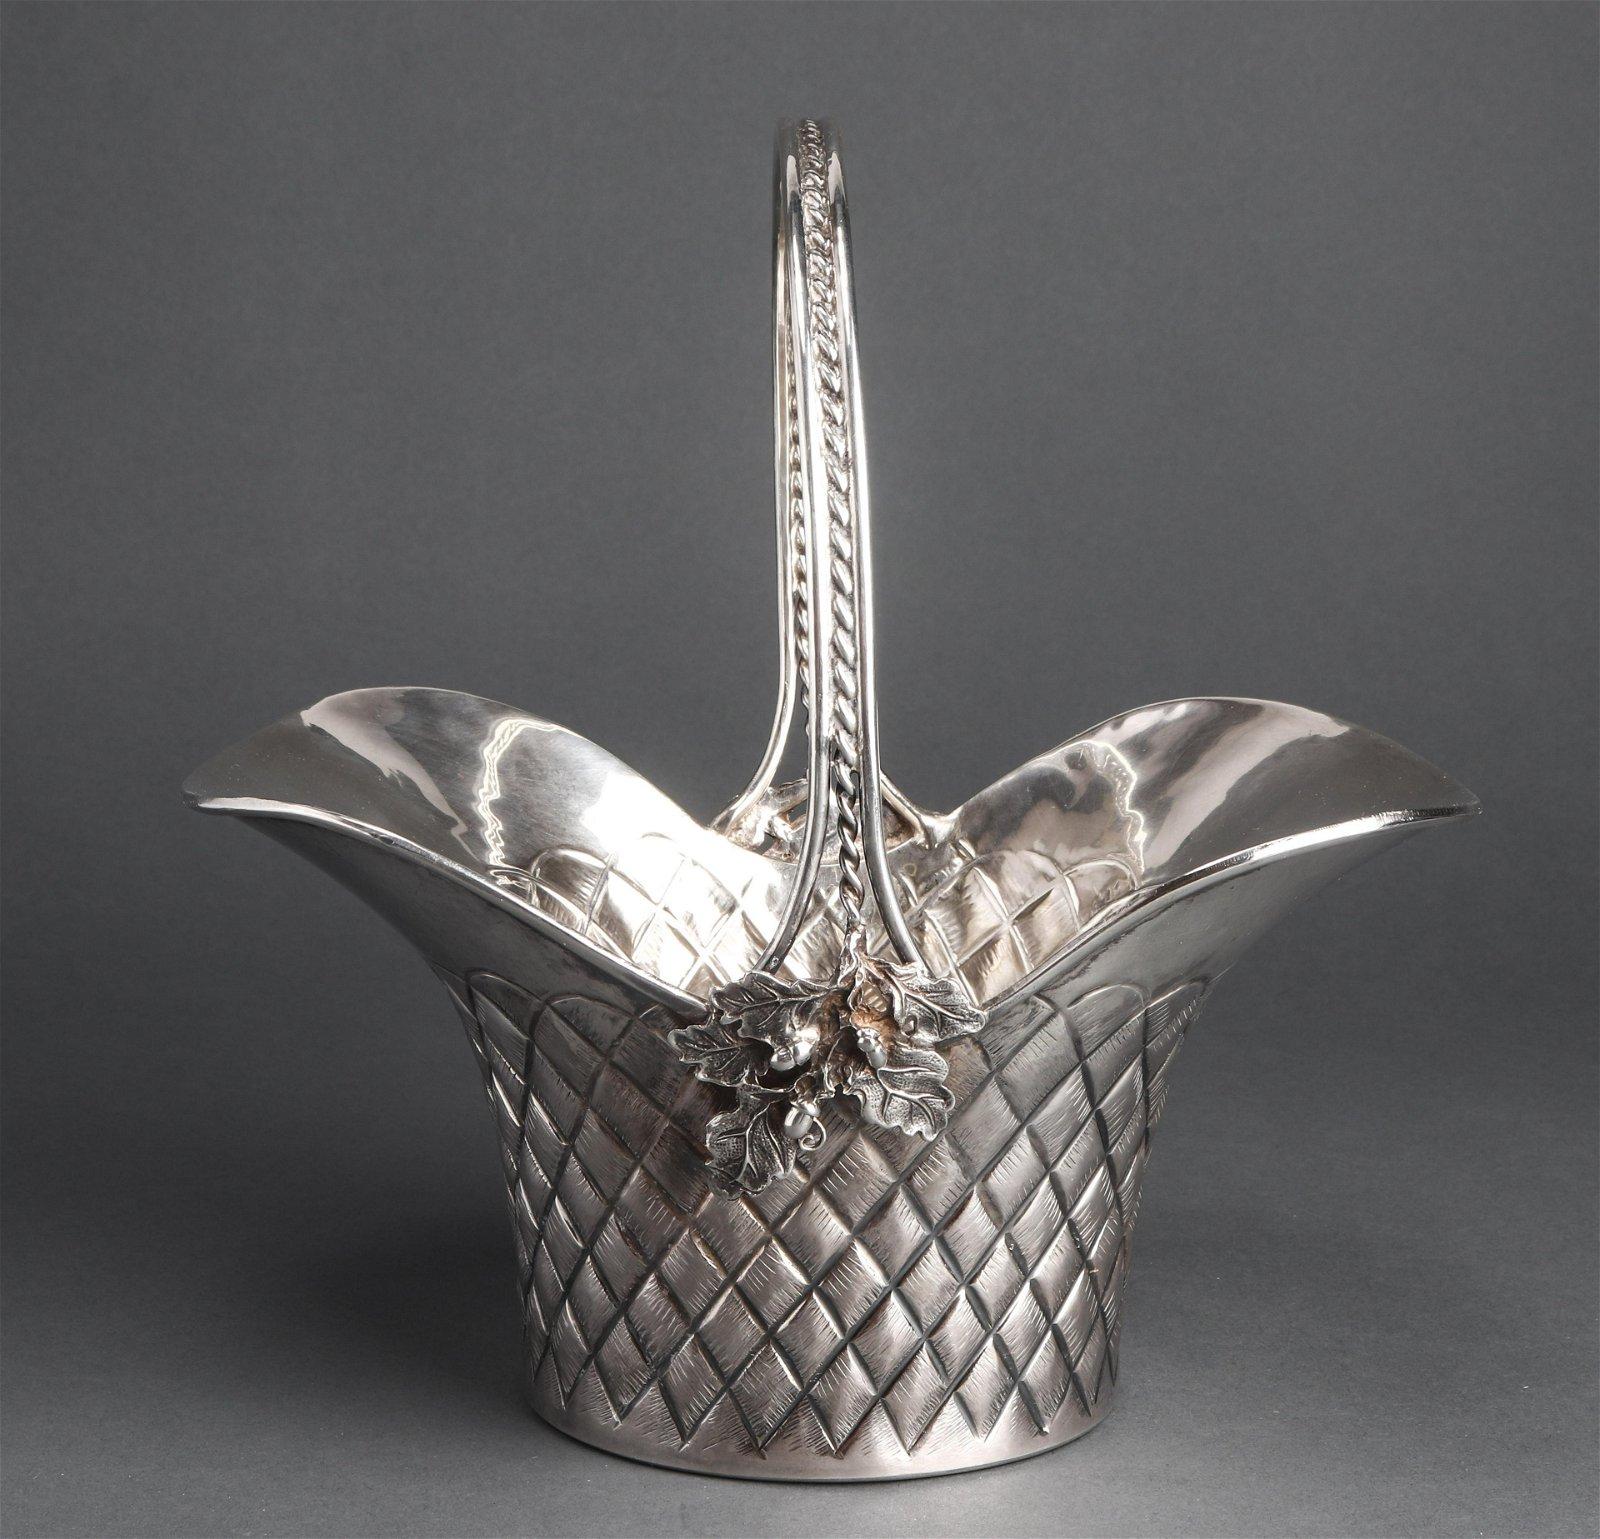 Melda Turkish Sterling Silver Table Basket